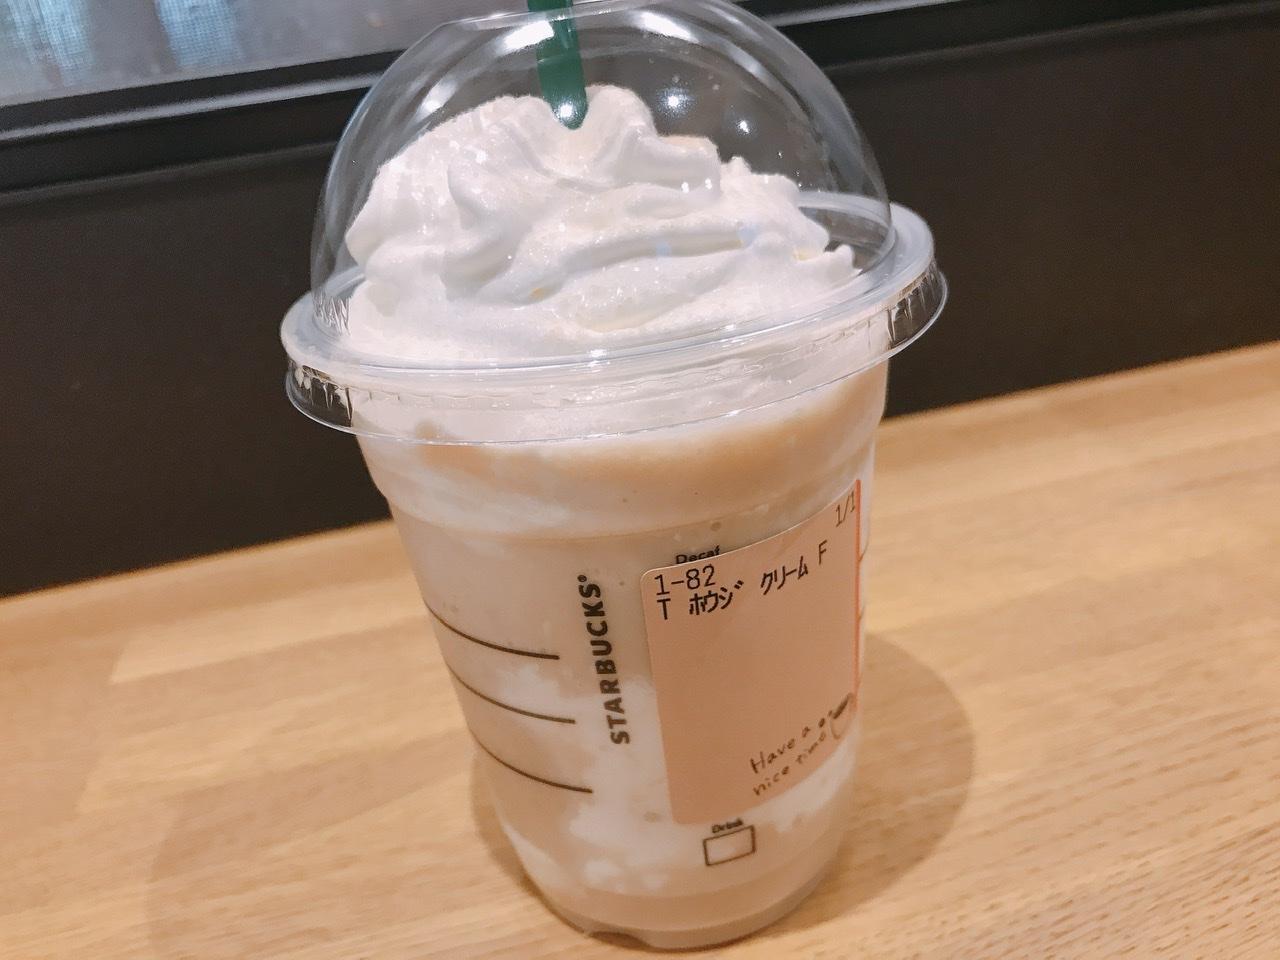 【スタバ】《ほうじ茶ドリンク》が期間限定メニュー欠品中だけ飲める幸せ♡_4